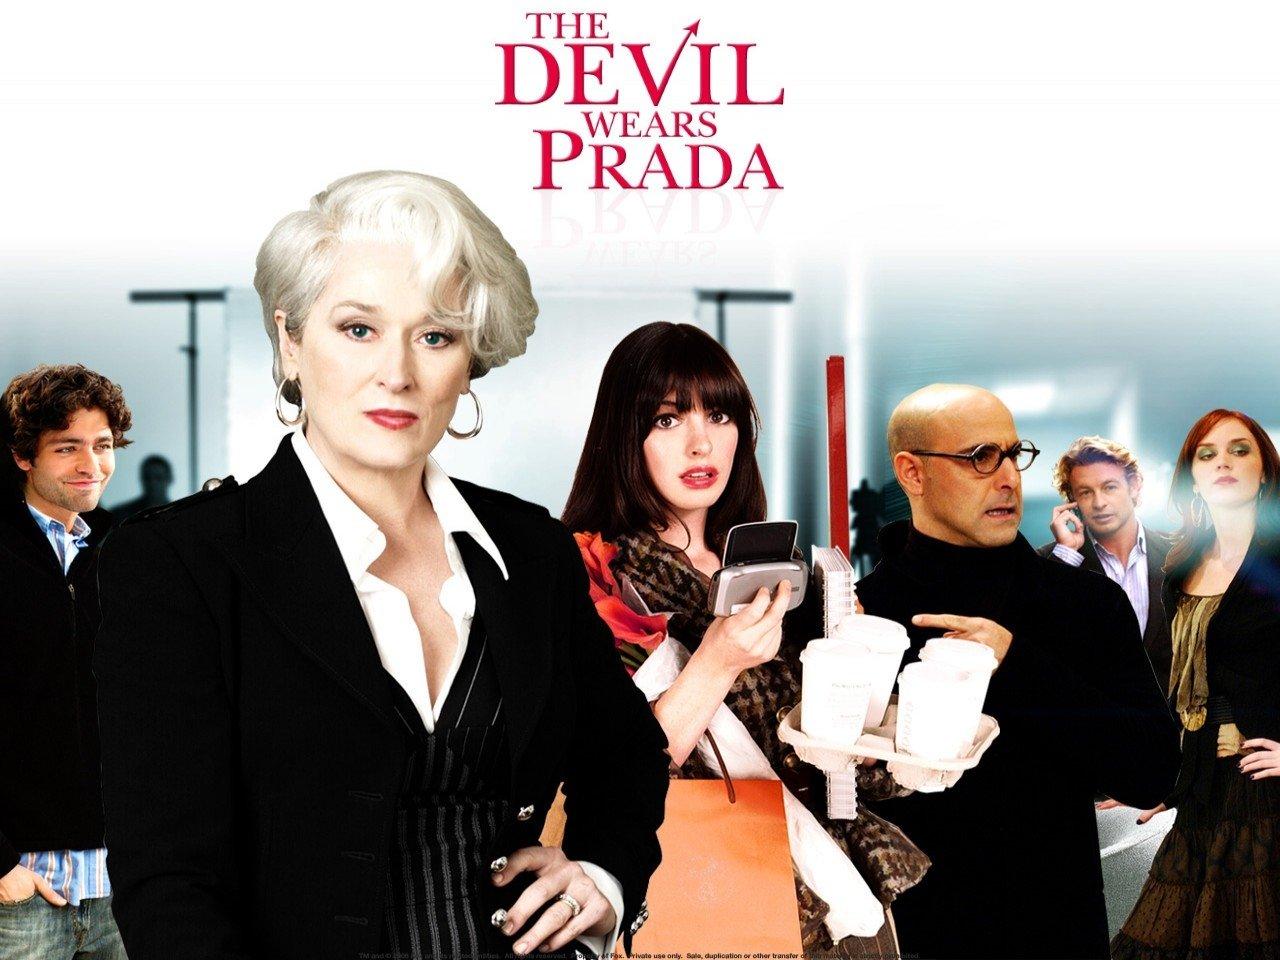 Il Diavolo Del I Film Wallpaper Prada 62702 Protagonisti Veste Con xFEtanqwR